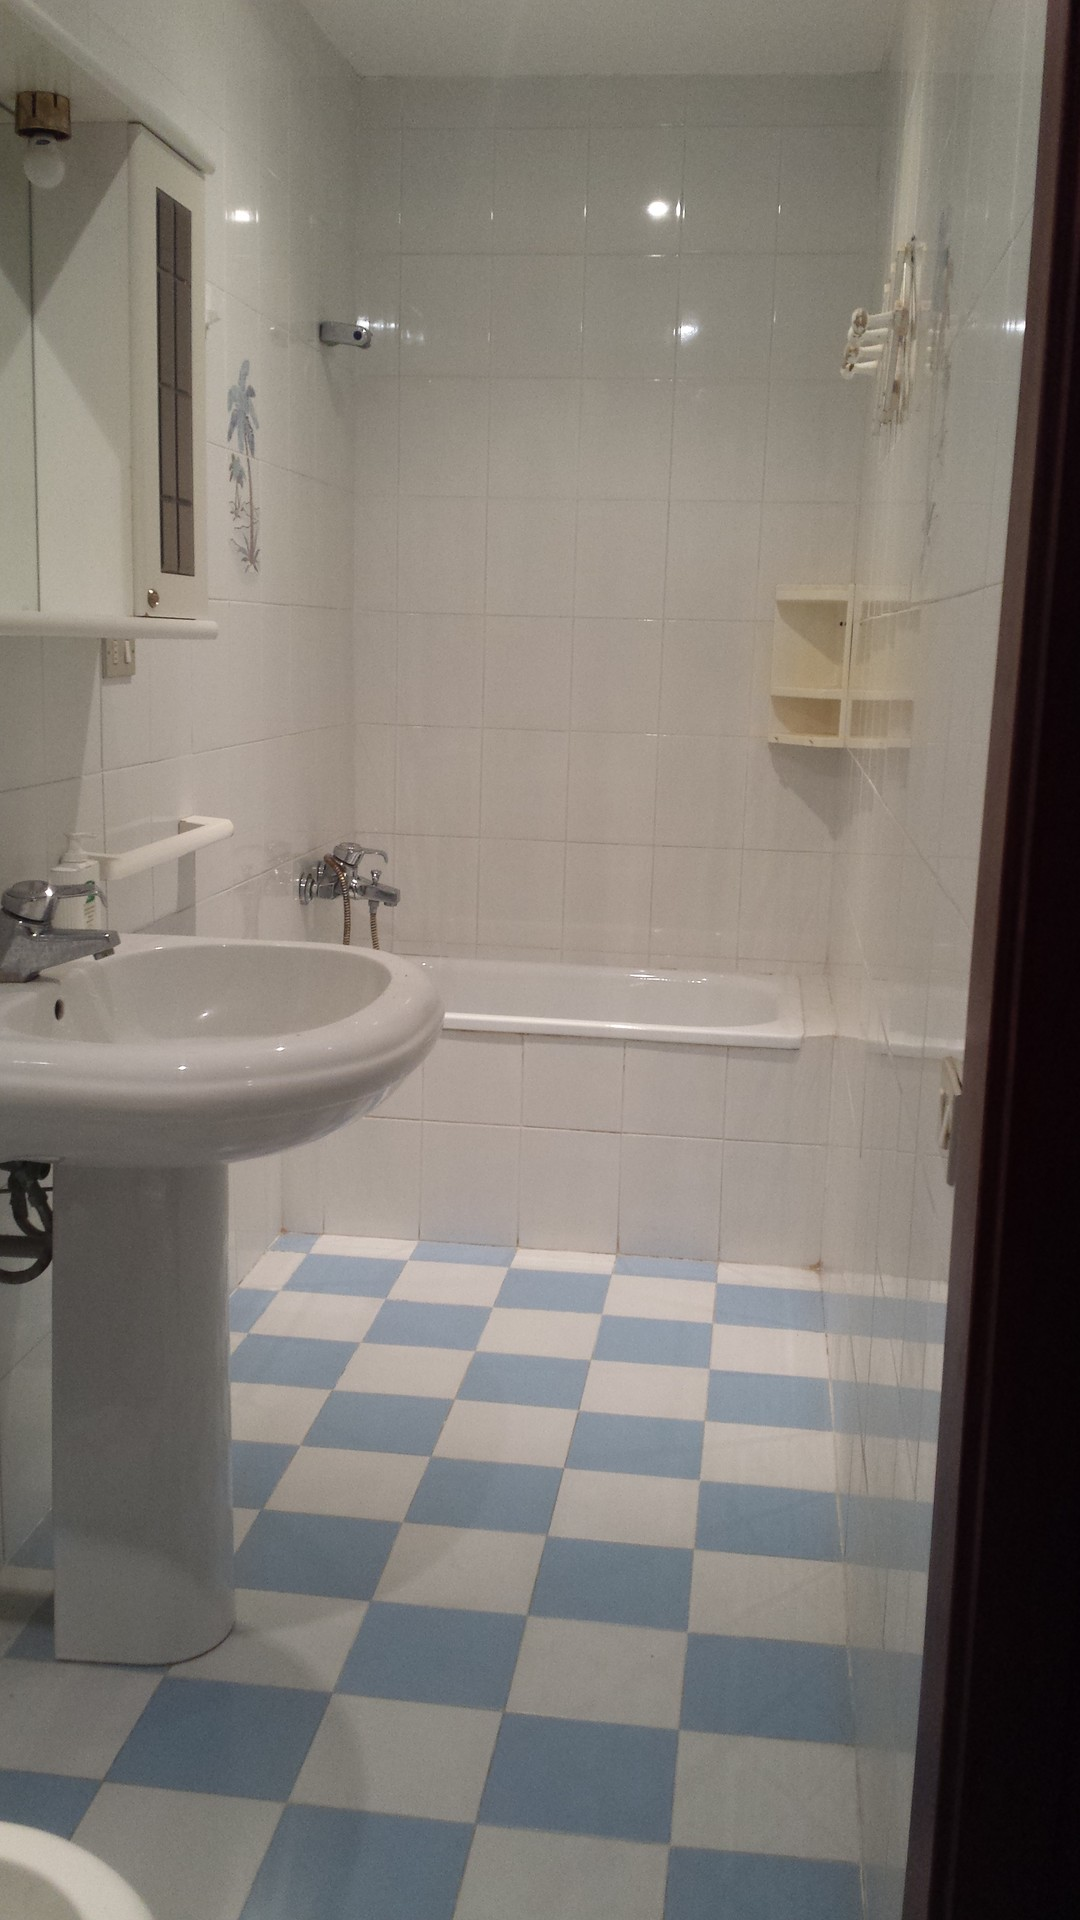 Camera doppia stanze in affitto cagliari - B b barcellona centro bagno privato ...